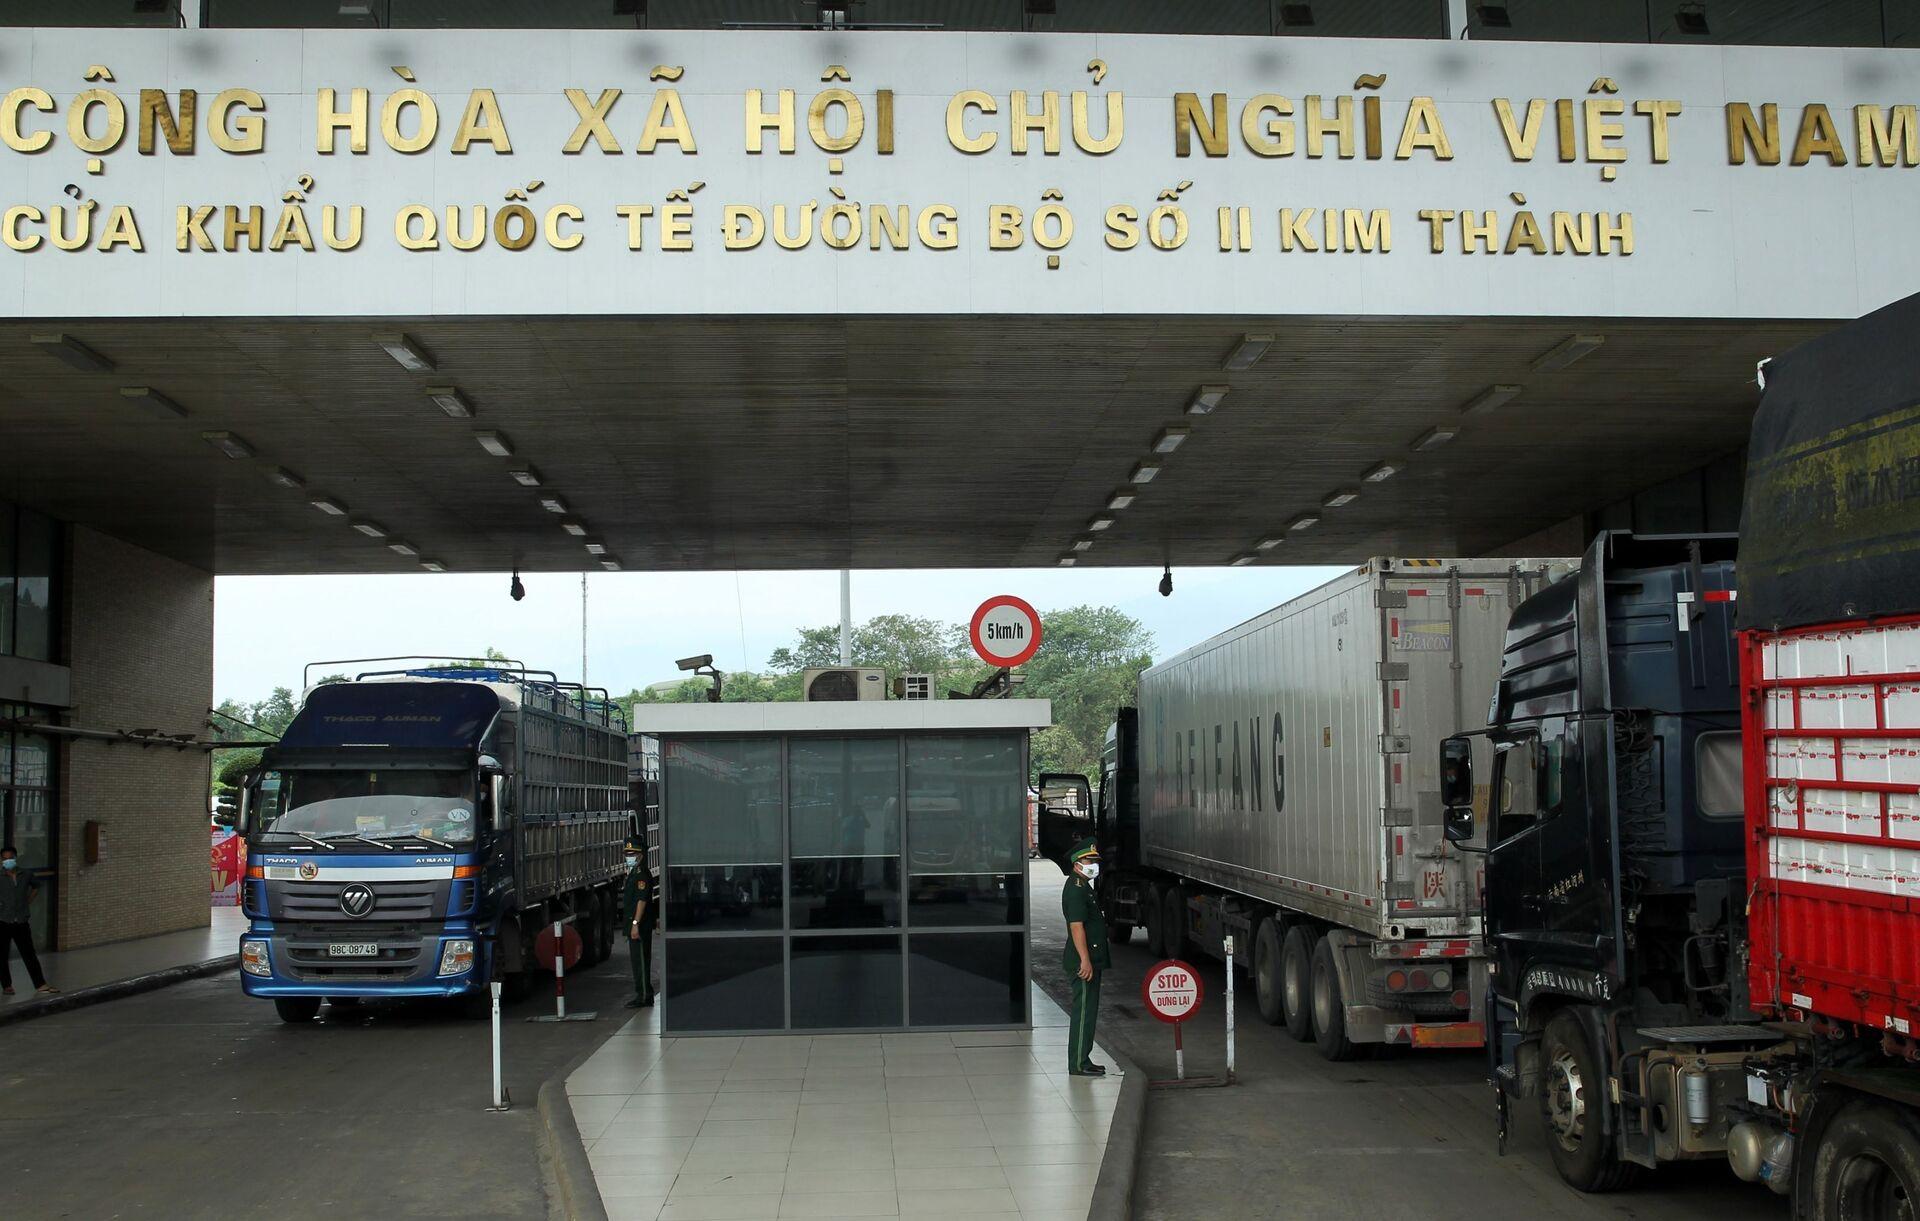 Giữa tâm dịch, Bắc Giang đã nỗ lực ra sao để xuất khẩu 20 tấn vải thiều sang Nhật? - Sputnik Việt Nam, 1920, 26.05.2021